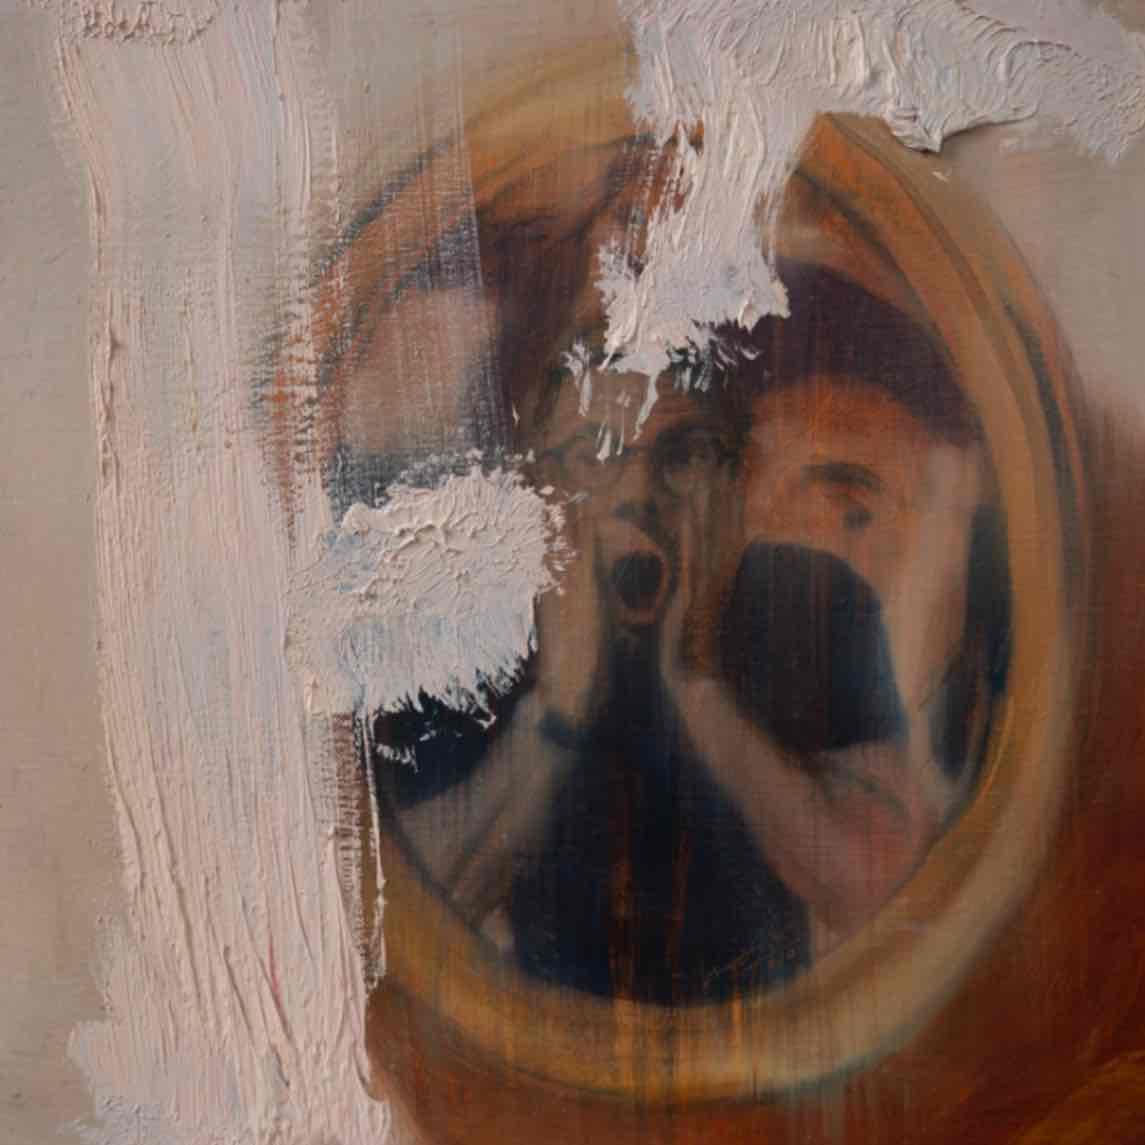 Obra: Autorretrato 🆚 Mirror Selfies 😱